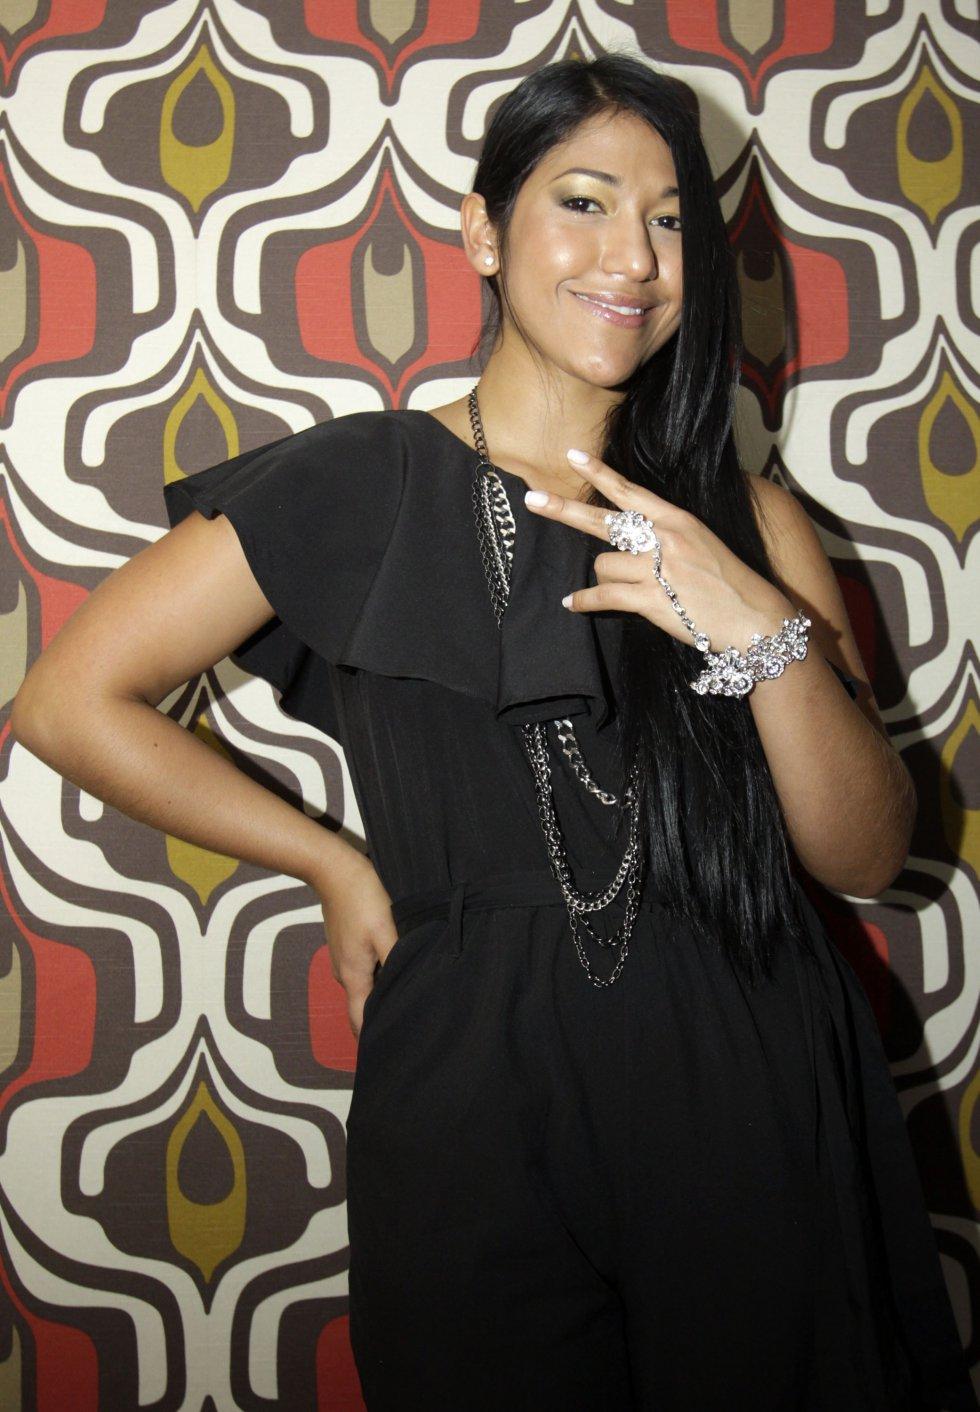 La paisa es una compositora y cantante de música urbana y caribeña.